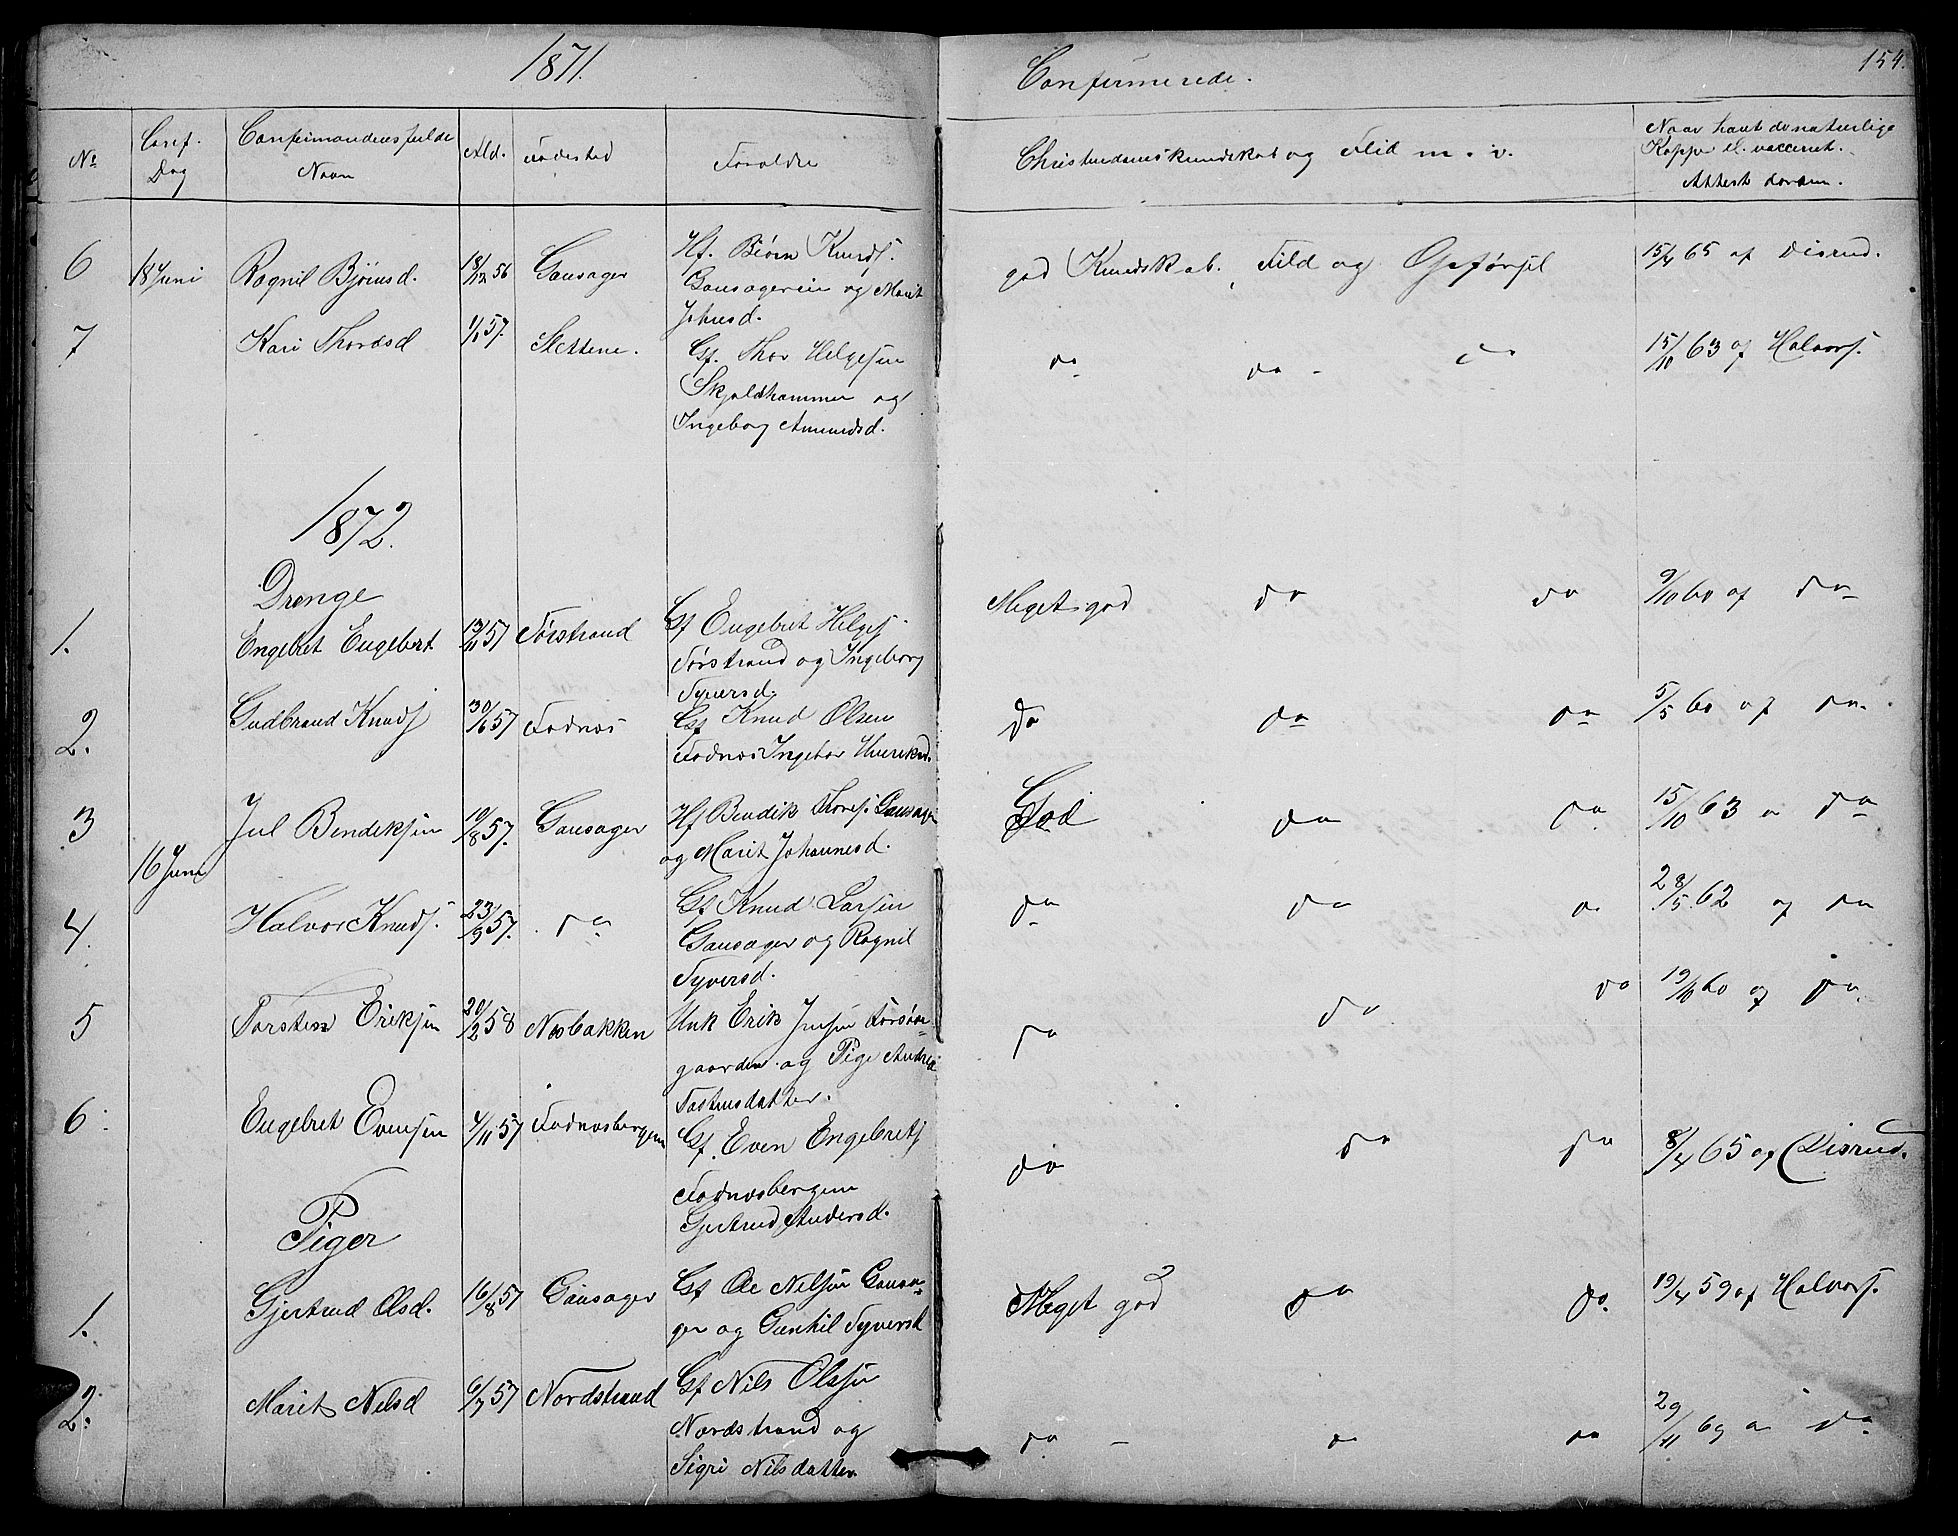 SAH, Nord-Aurdal prestekontor, Klokkerbok nr. 3, 1842-1882, s. 154